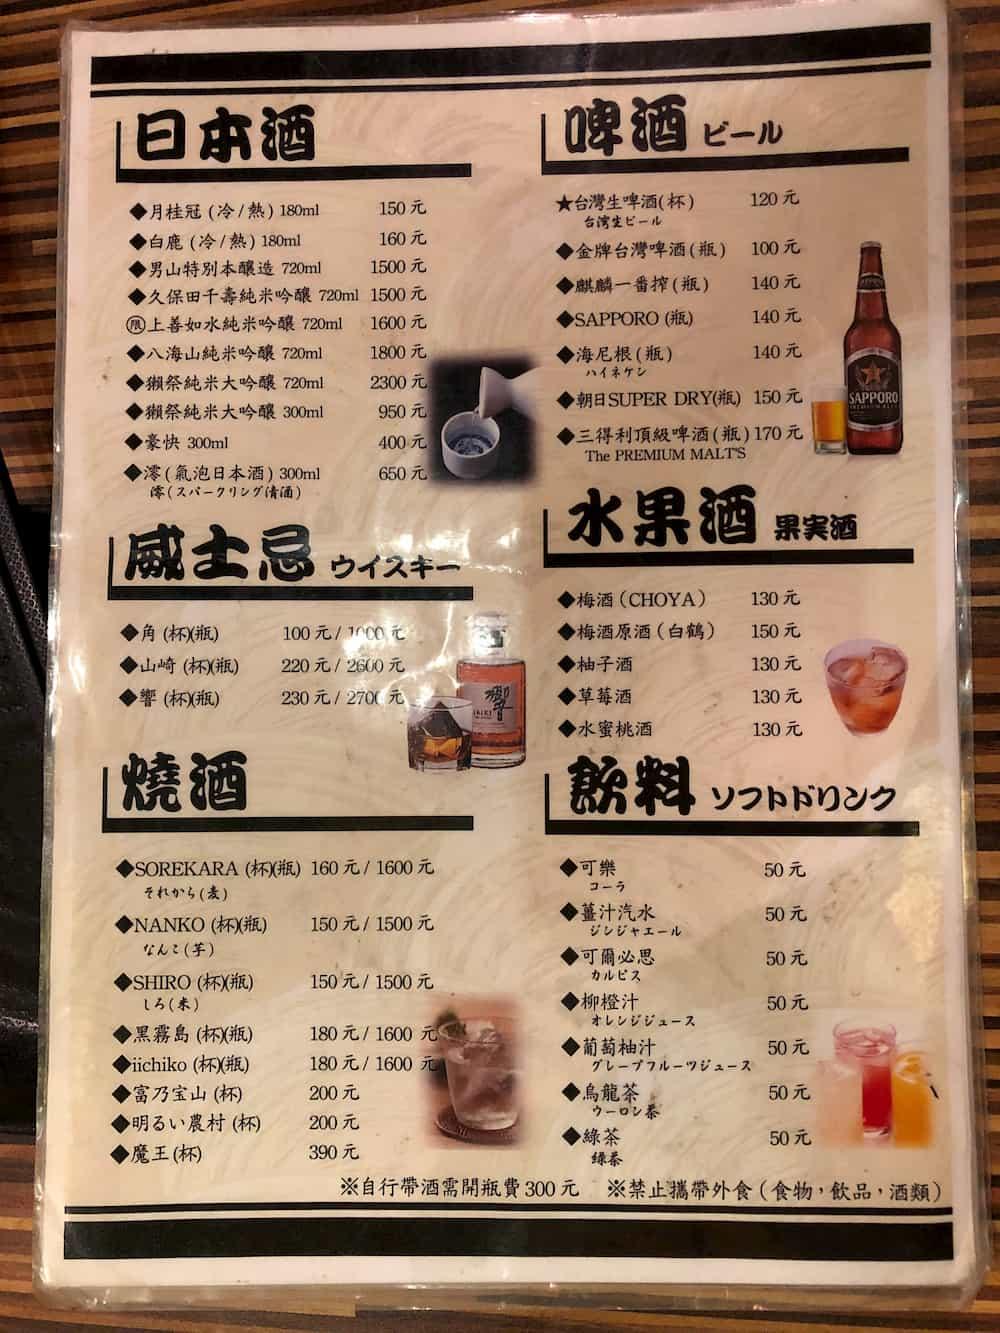 鳥樂串燒居酒屋-酒單/飲料單